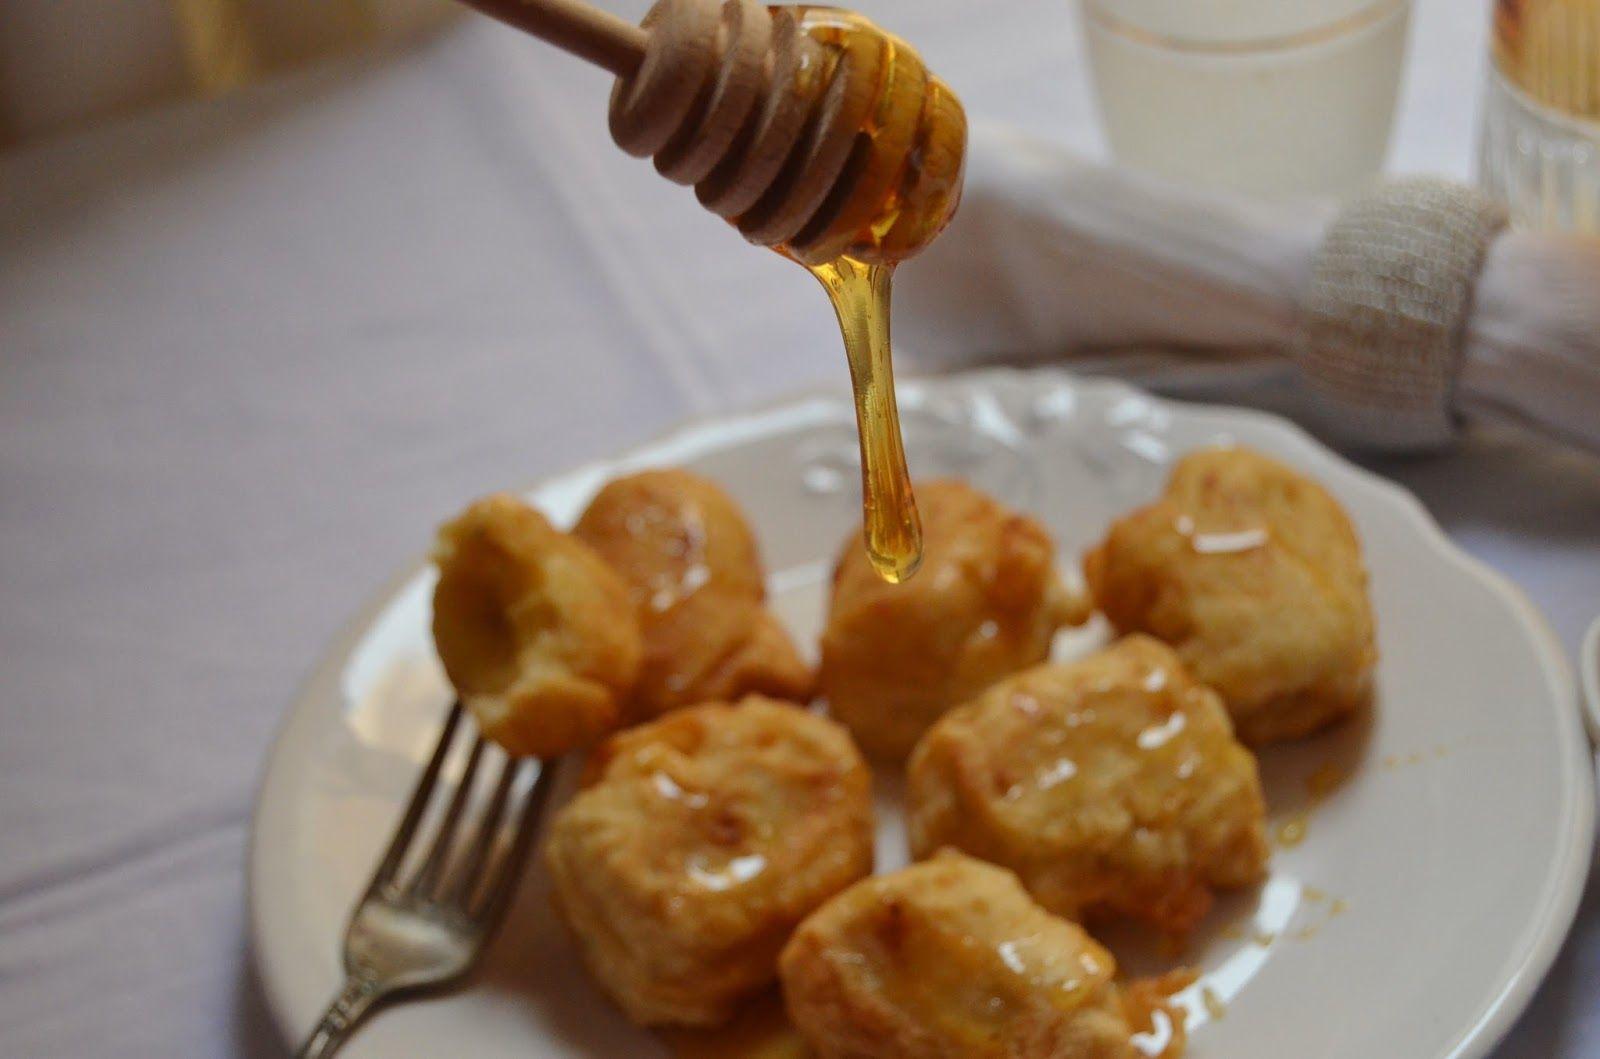 Plátanos fritos con miel de caña